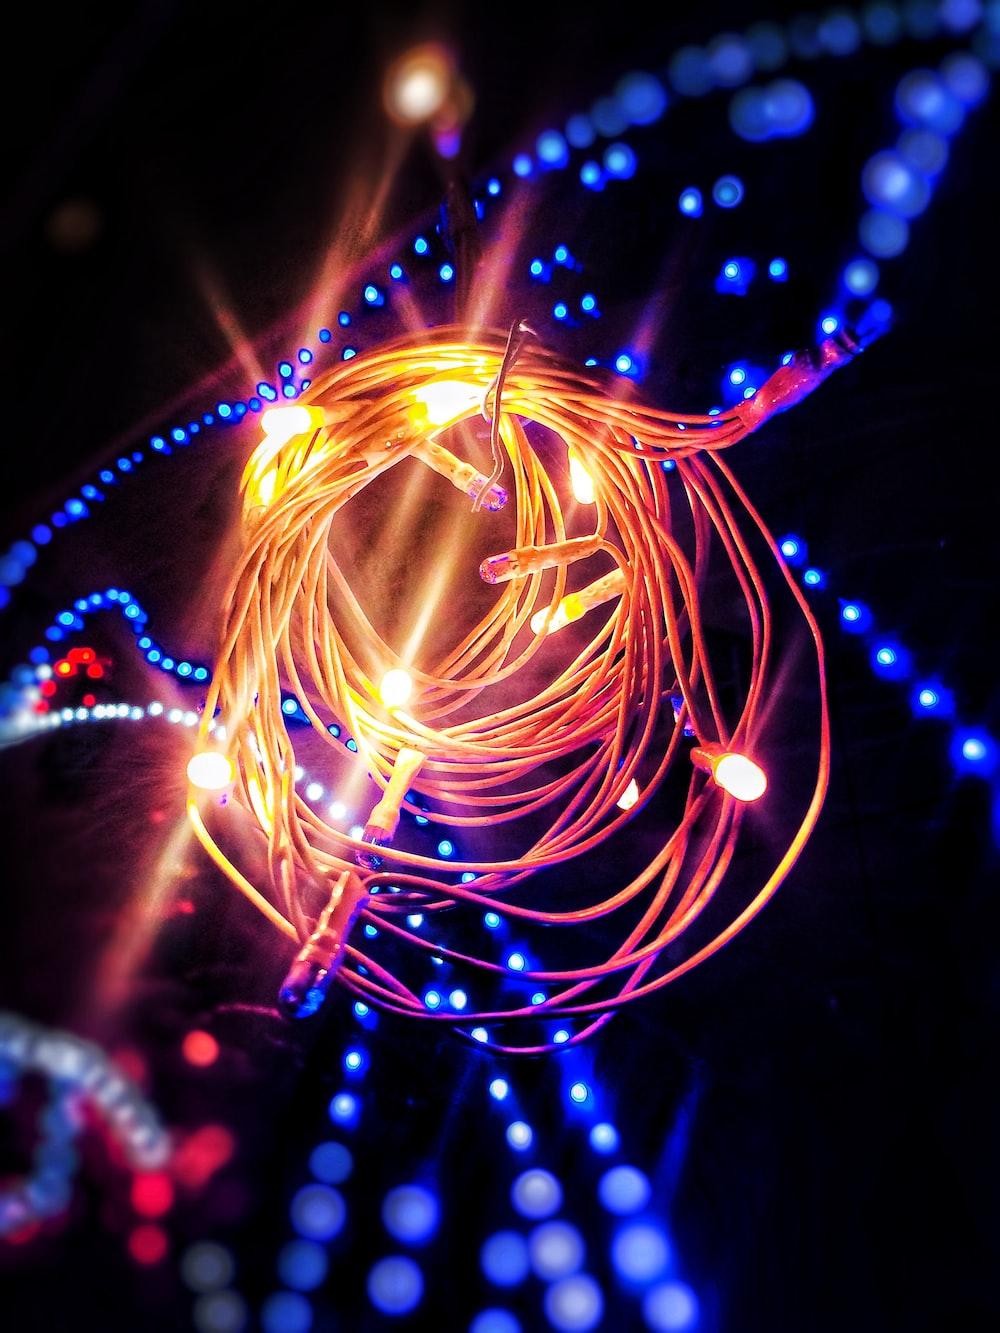 lighted string lights at night